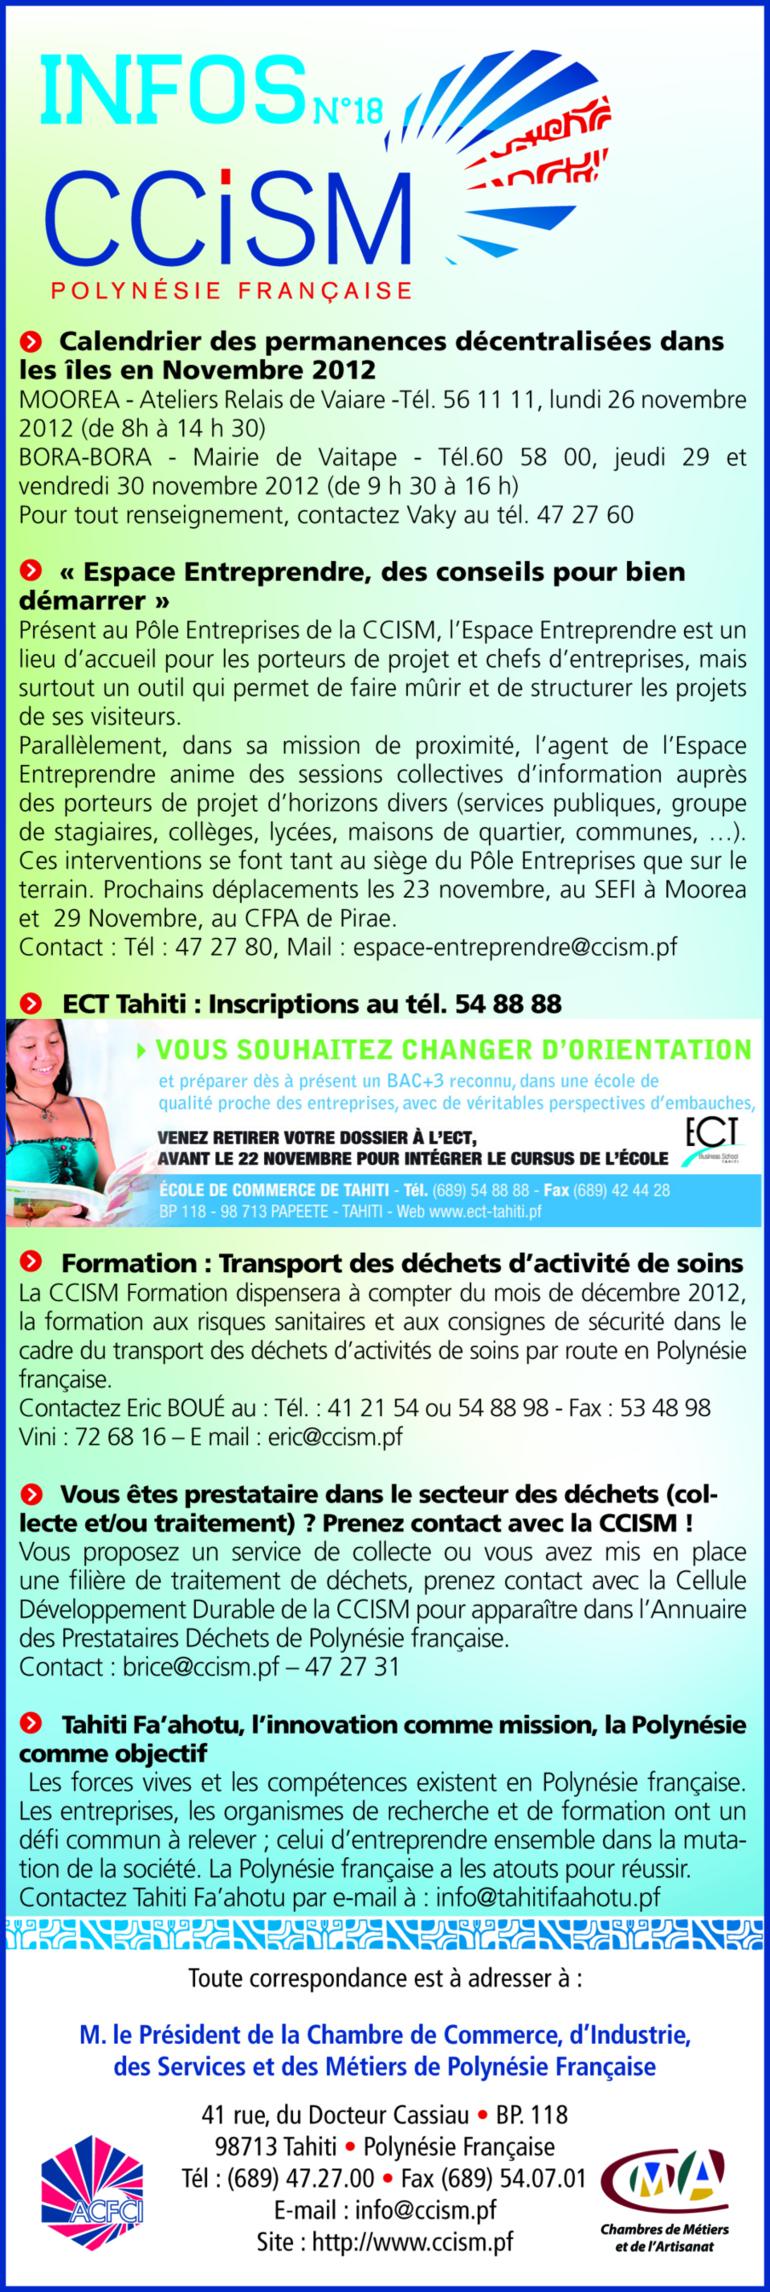 Infos CCISM N°18